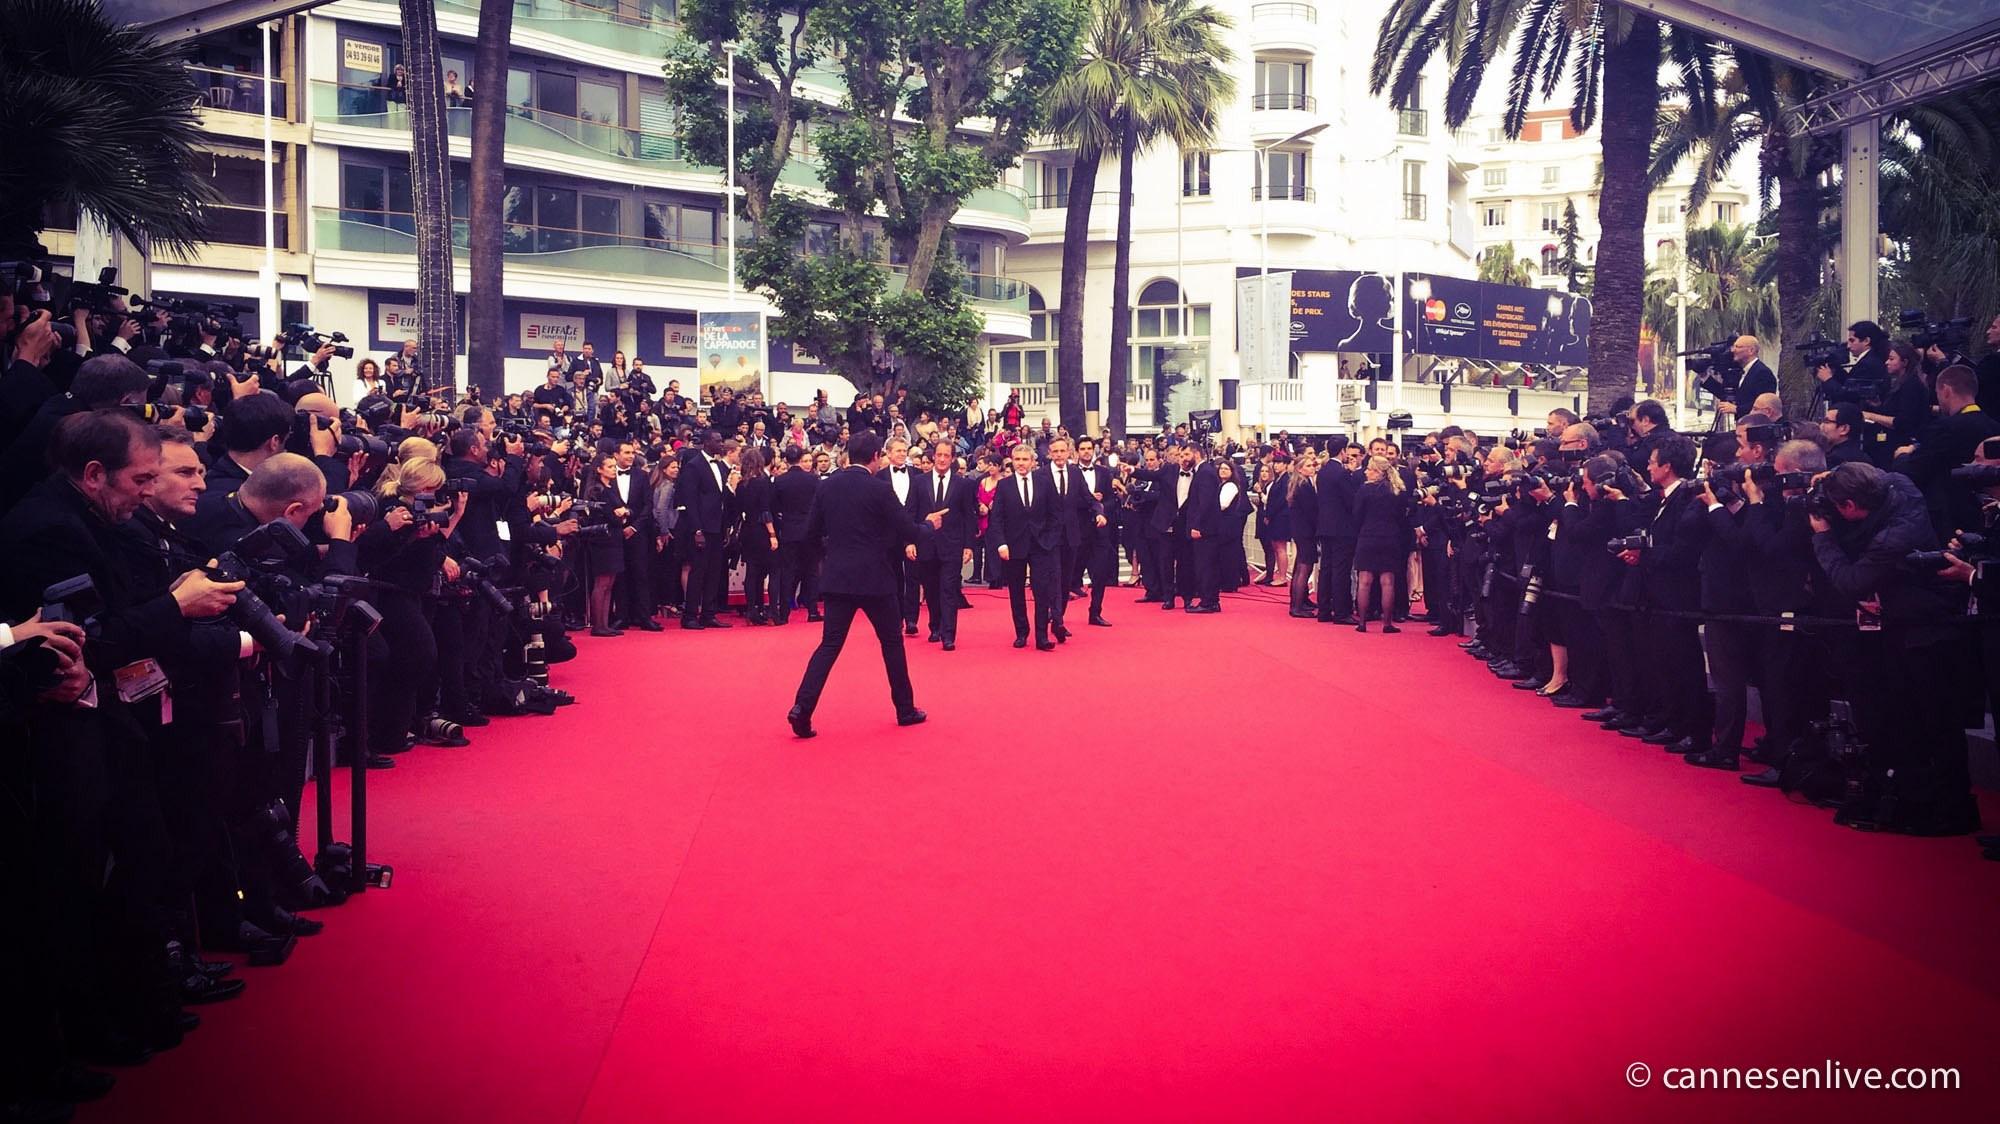 Cannes En Live Blog Sur Le Festival De Cannes 2018 25 Mai 2015